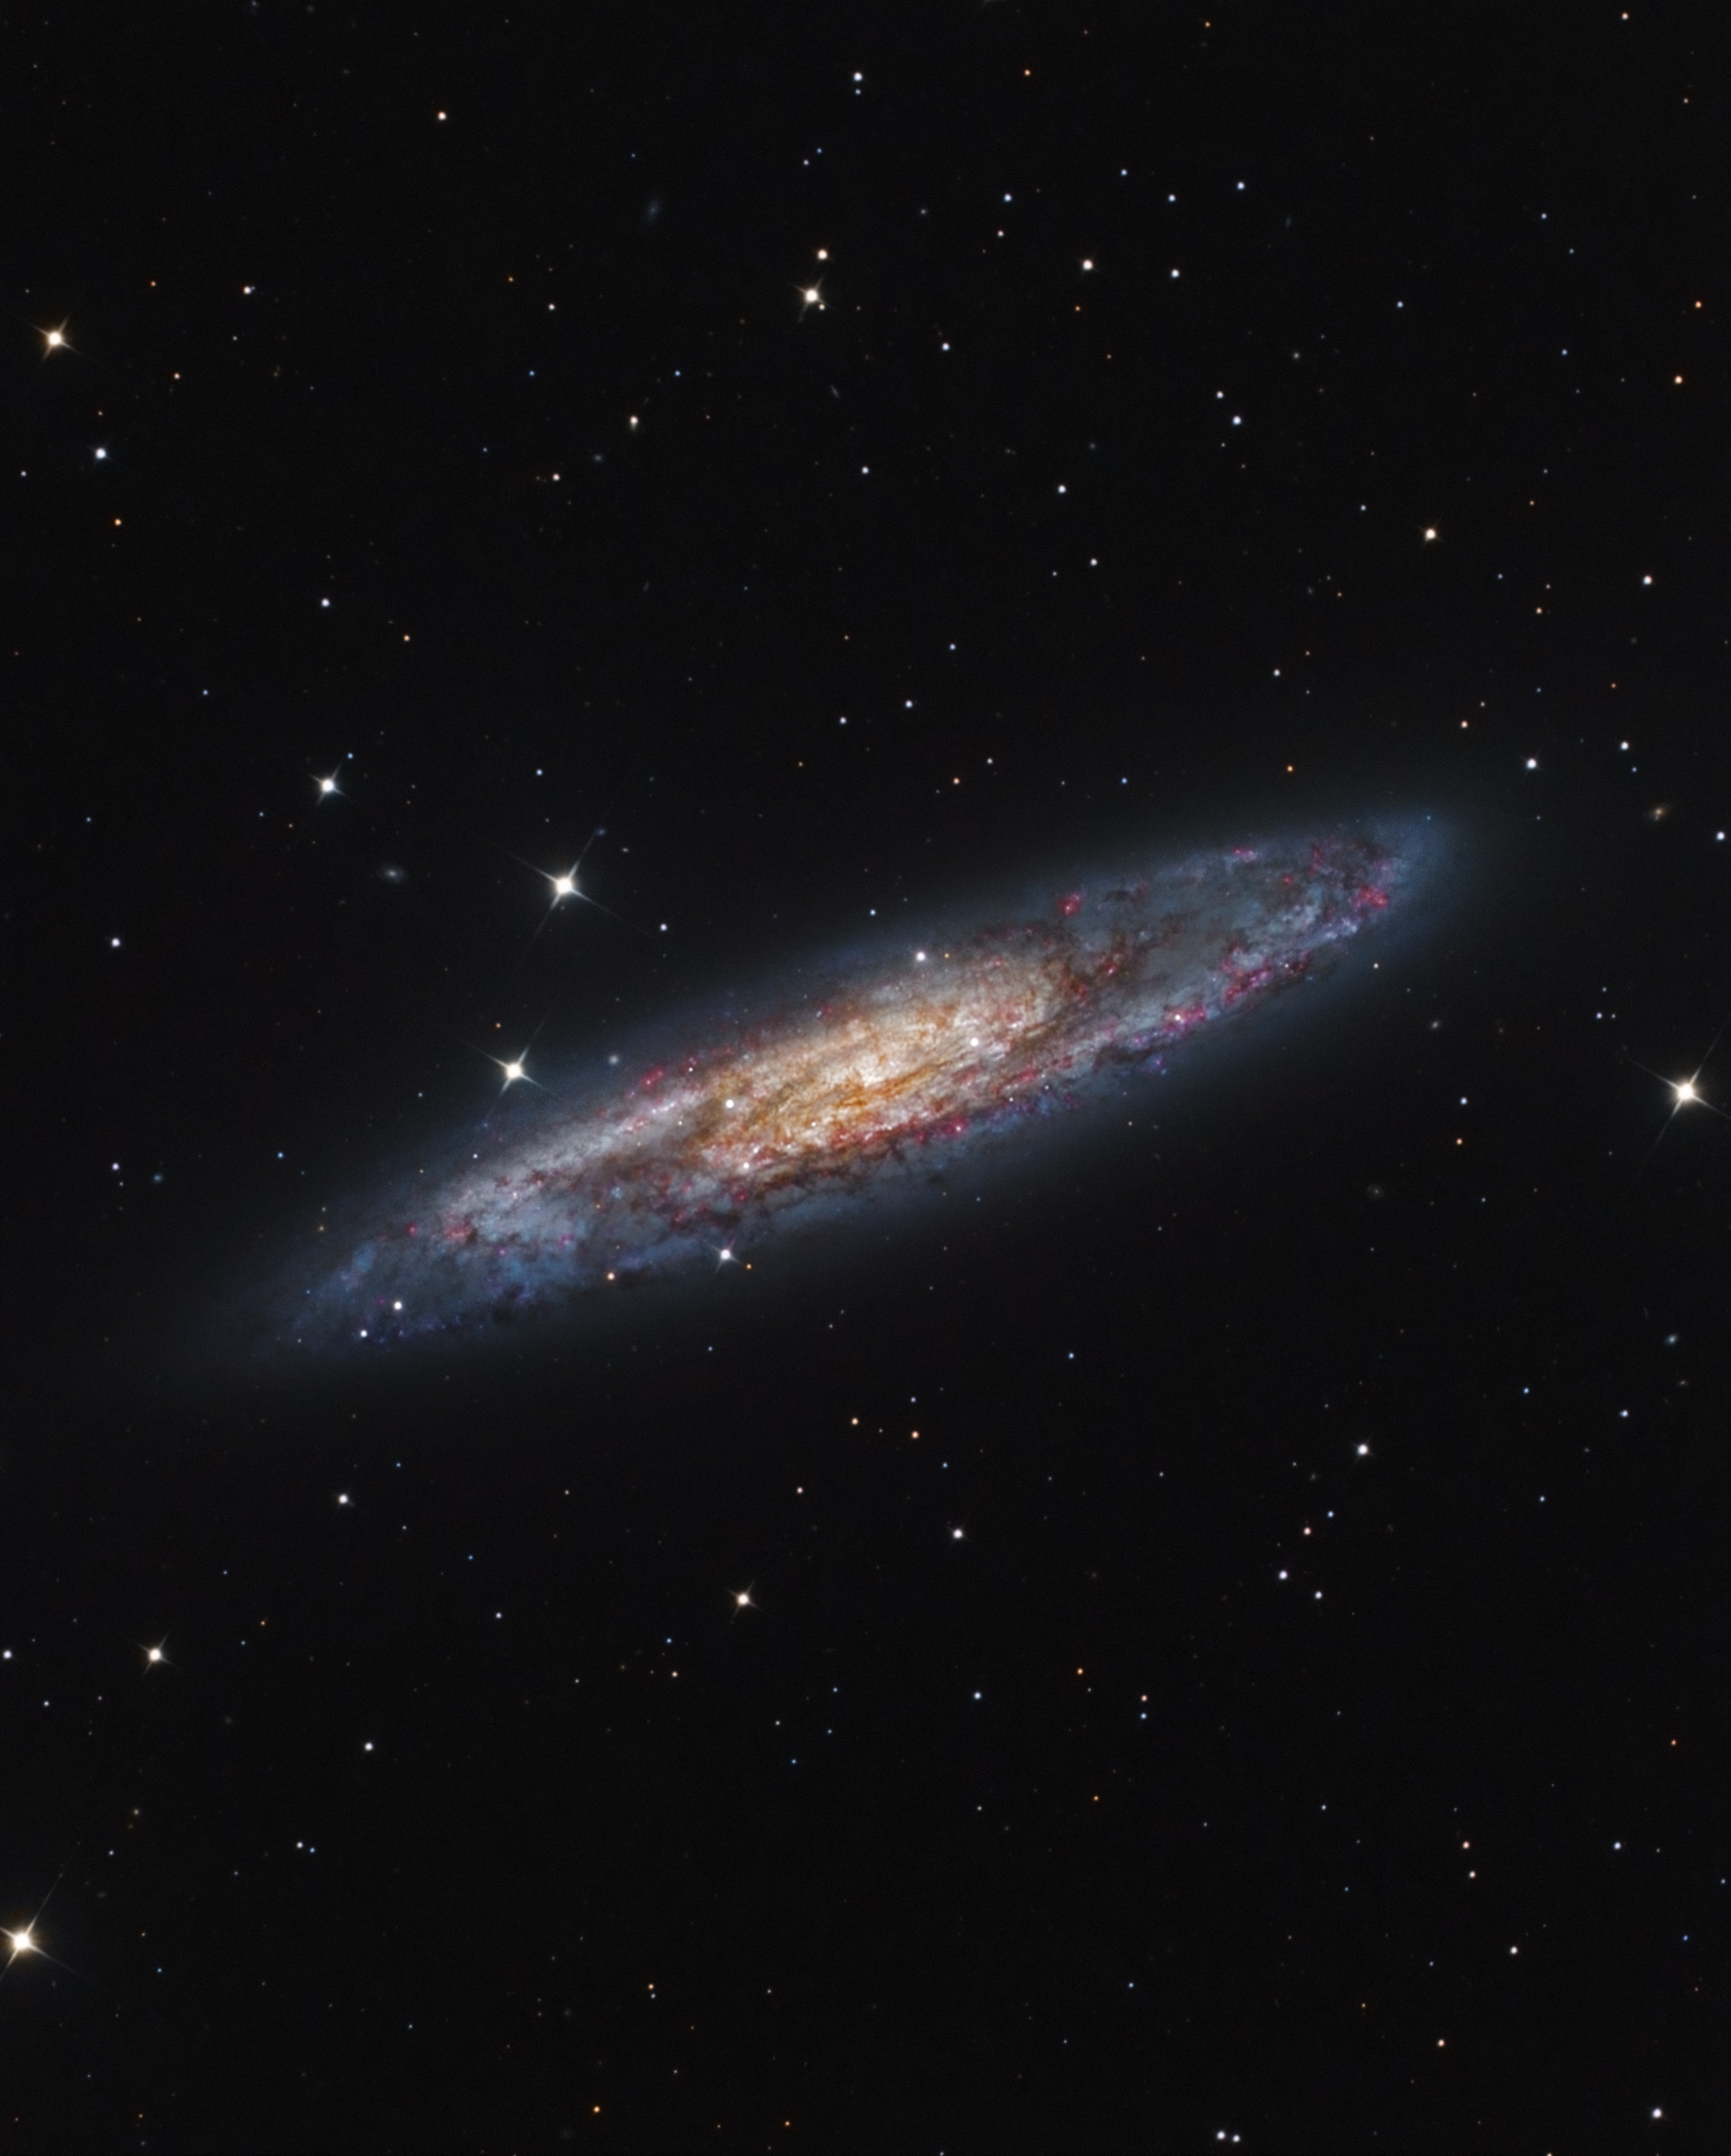 NGC 253 in Sculptor